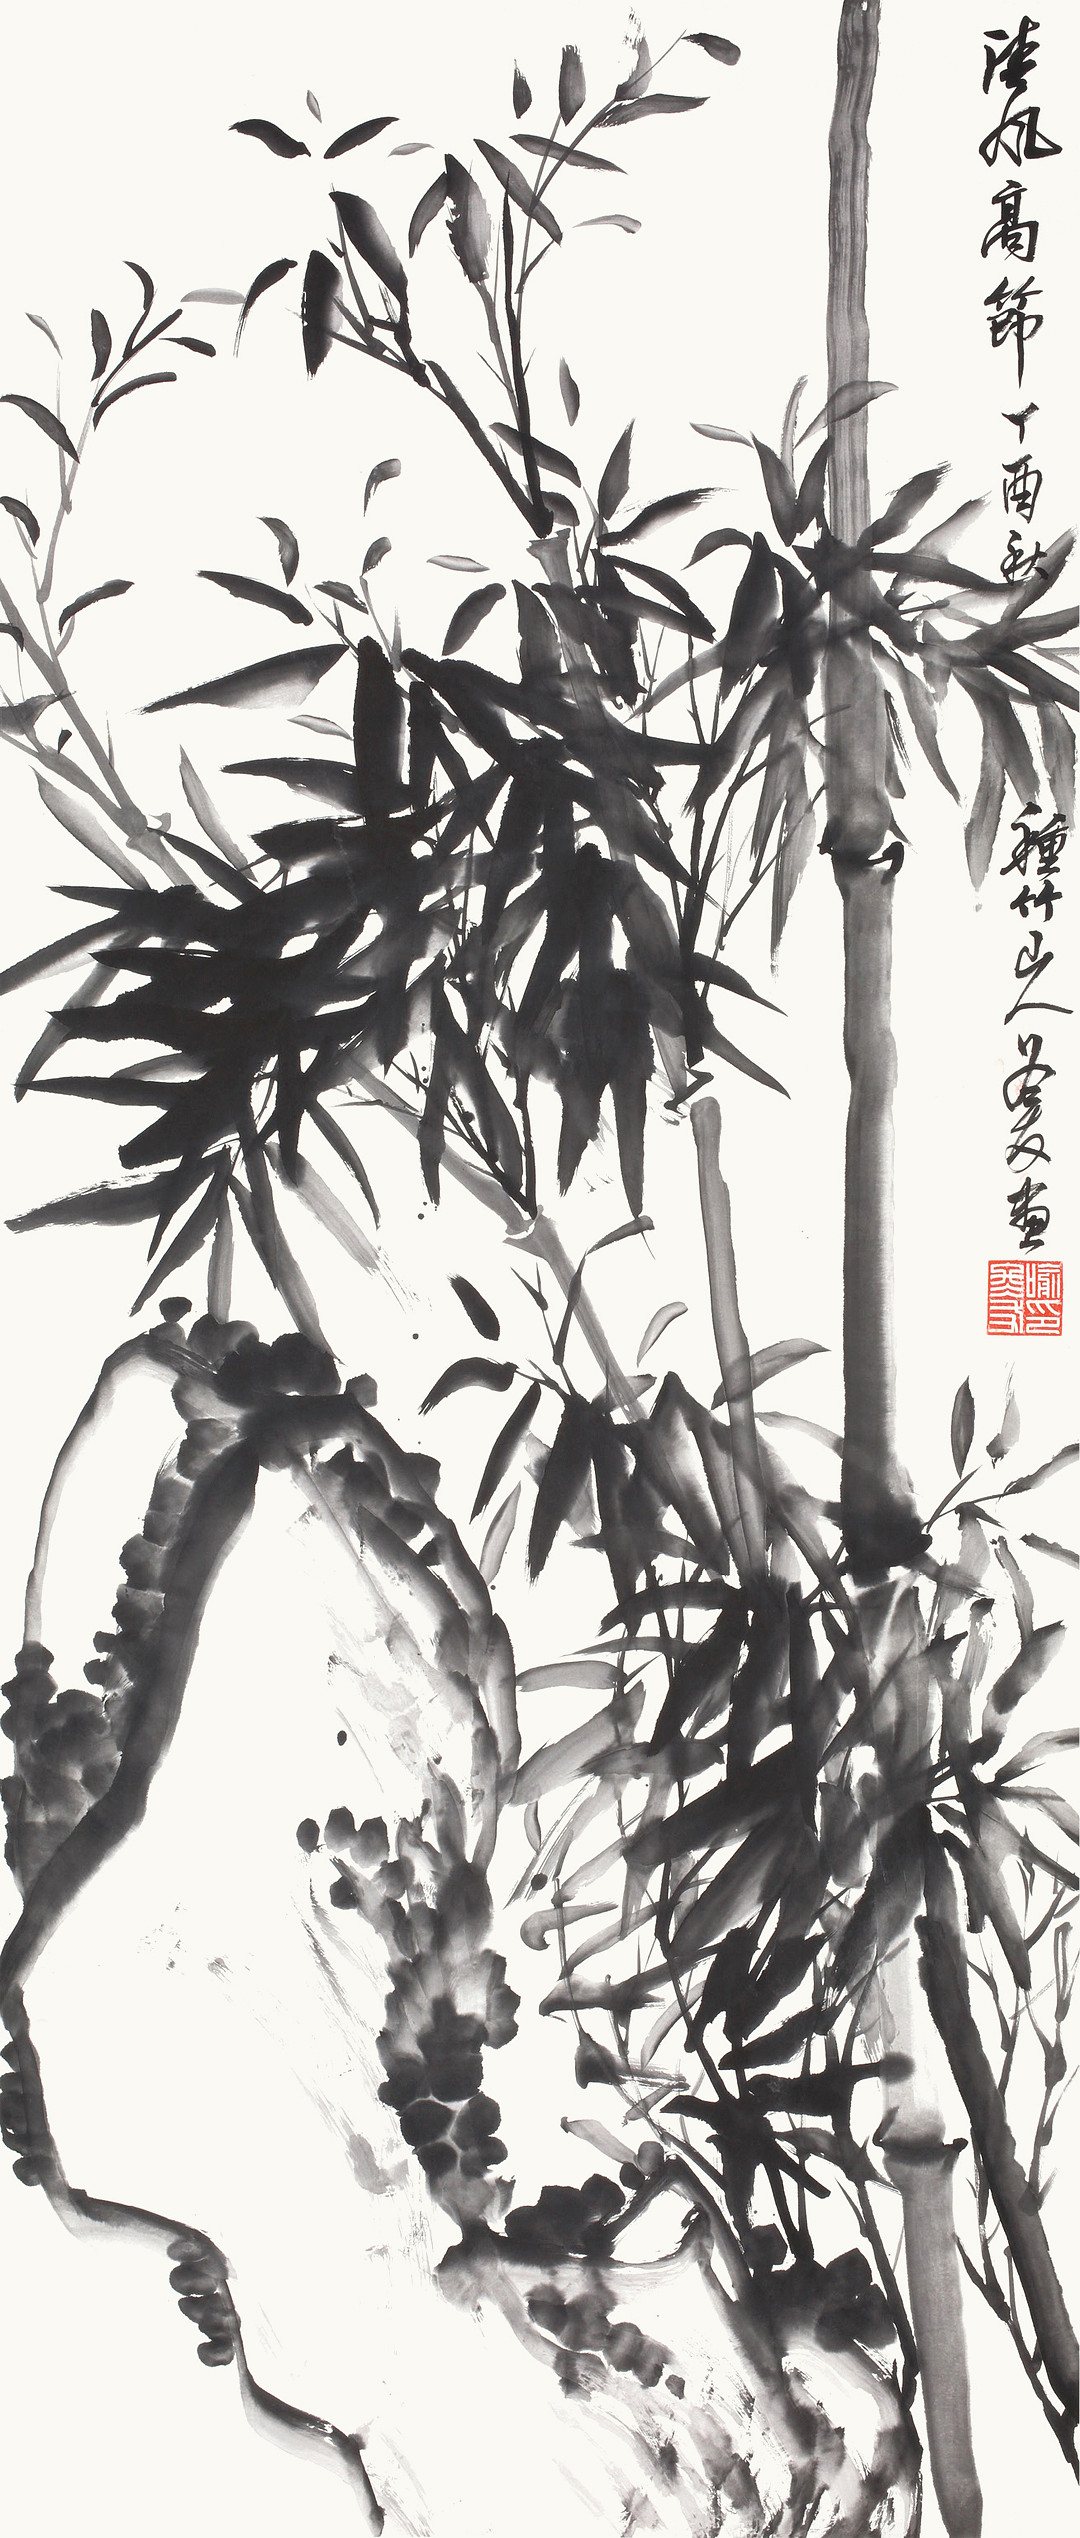 《清风高节》纸本水墨 2017年